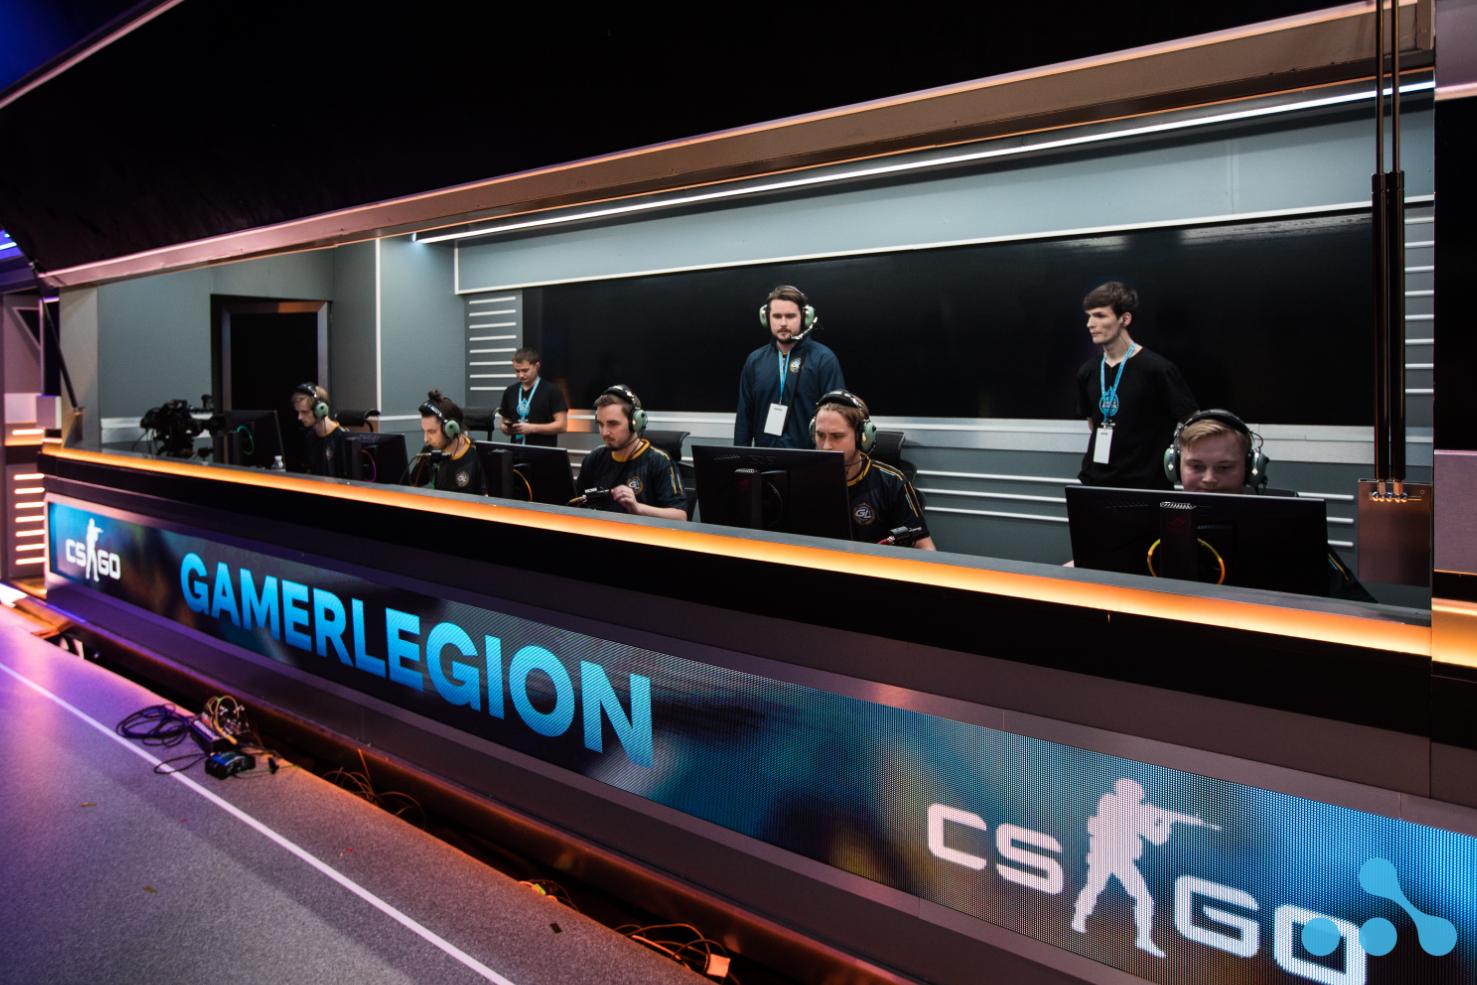 CS:GO Gamerlegion